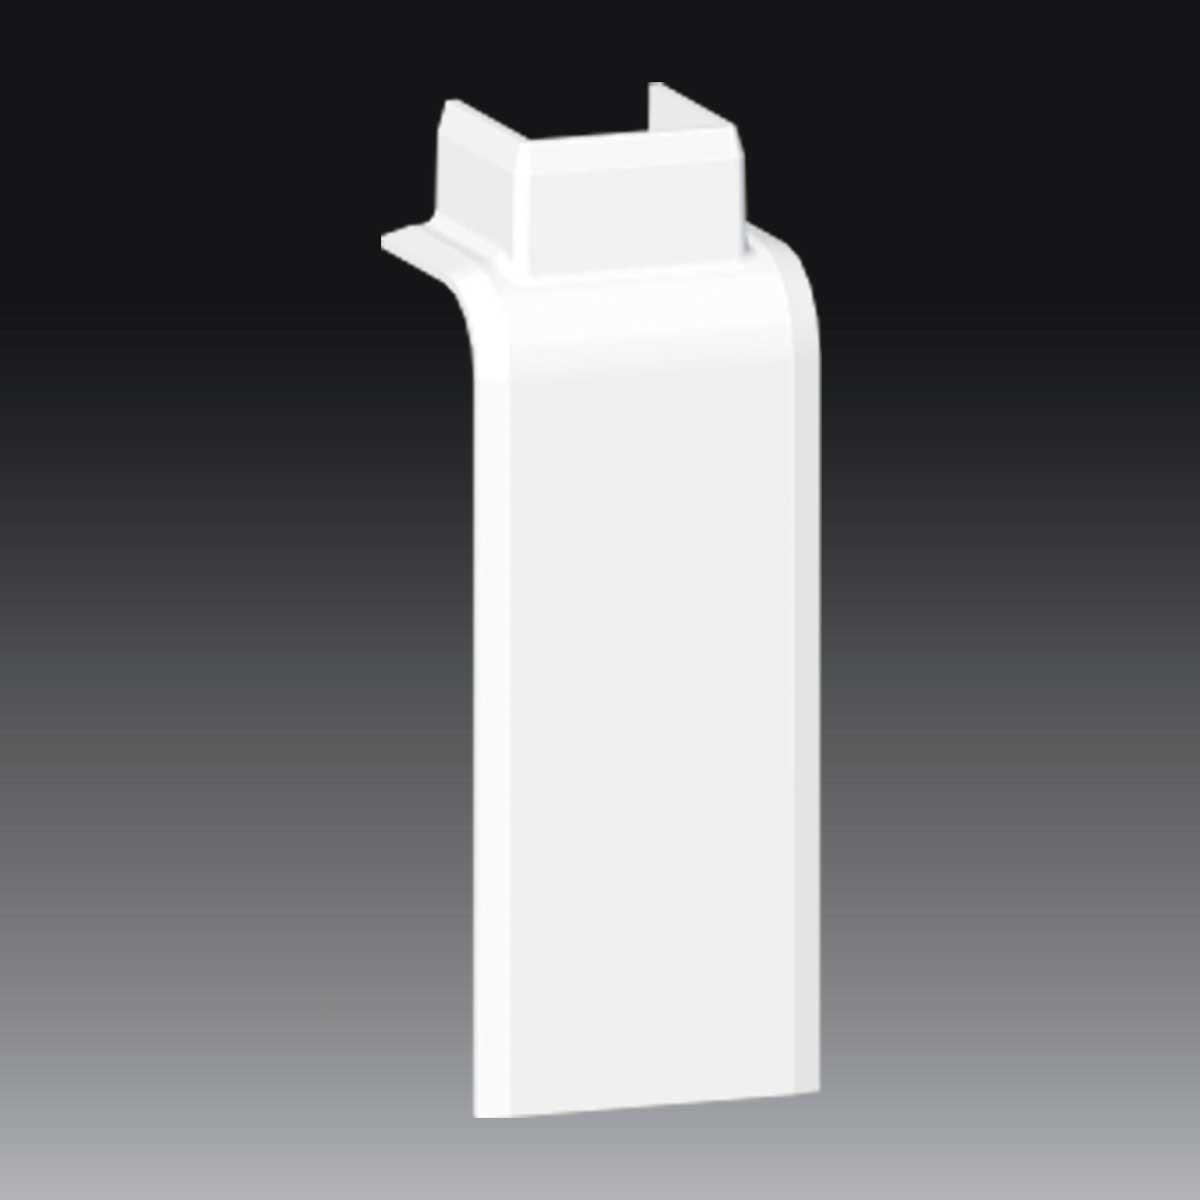 Перехідник з LP 80x25 на LHD 20x20 білого кольору; ПВХ